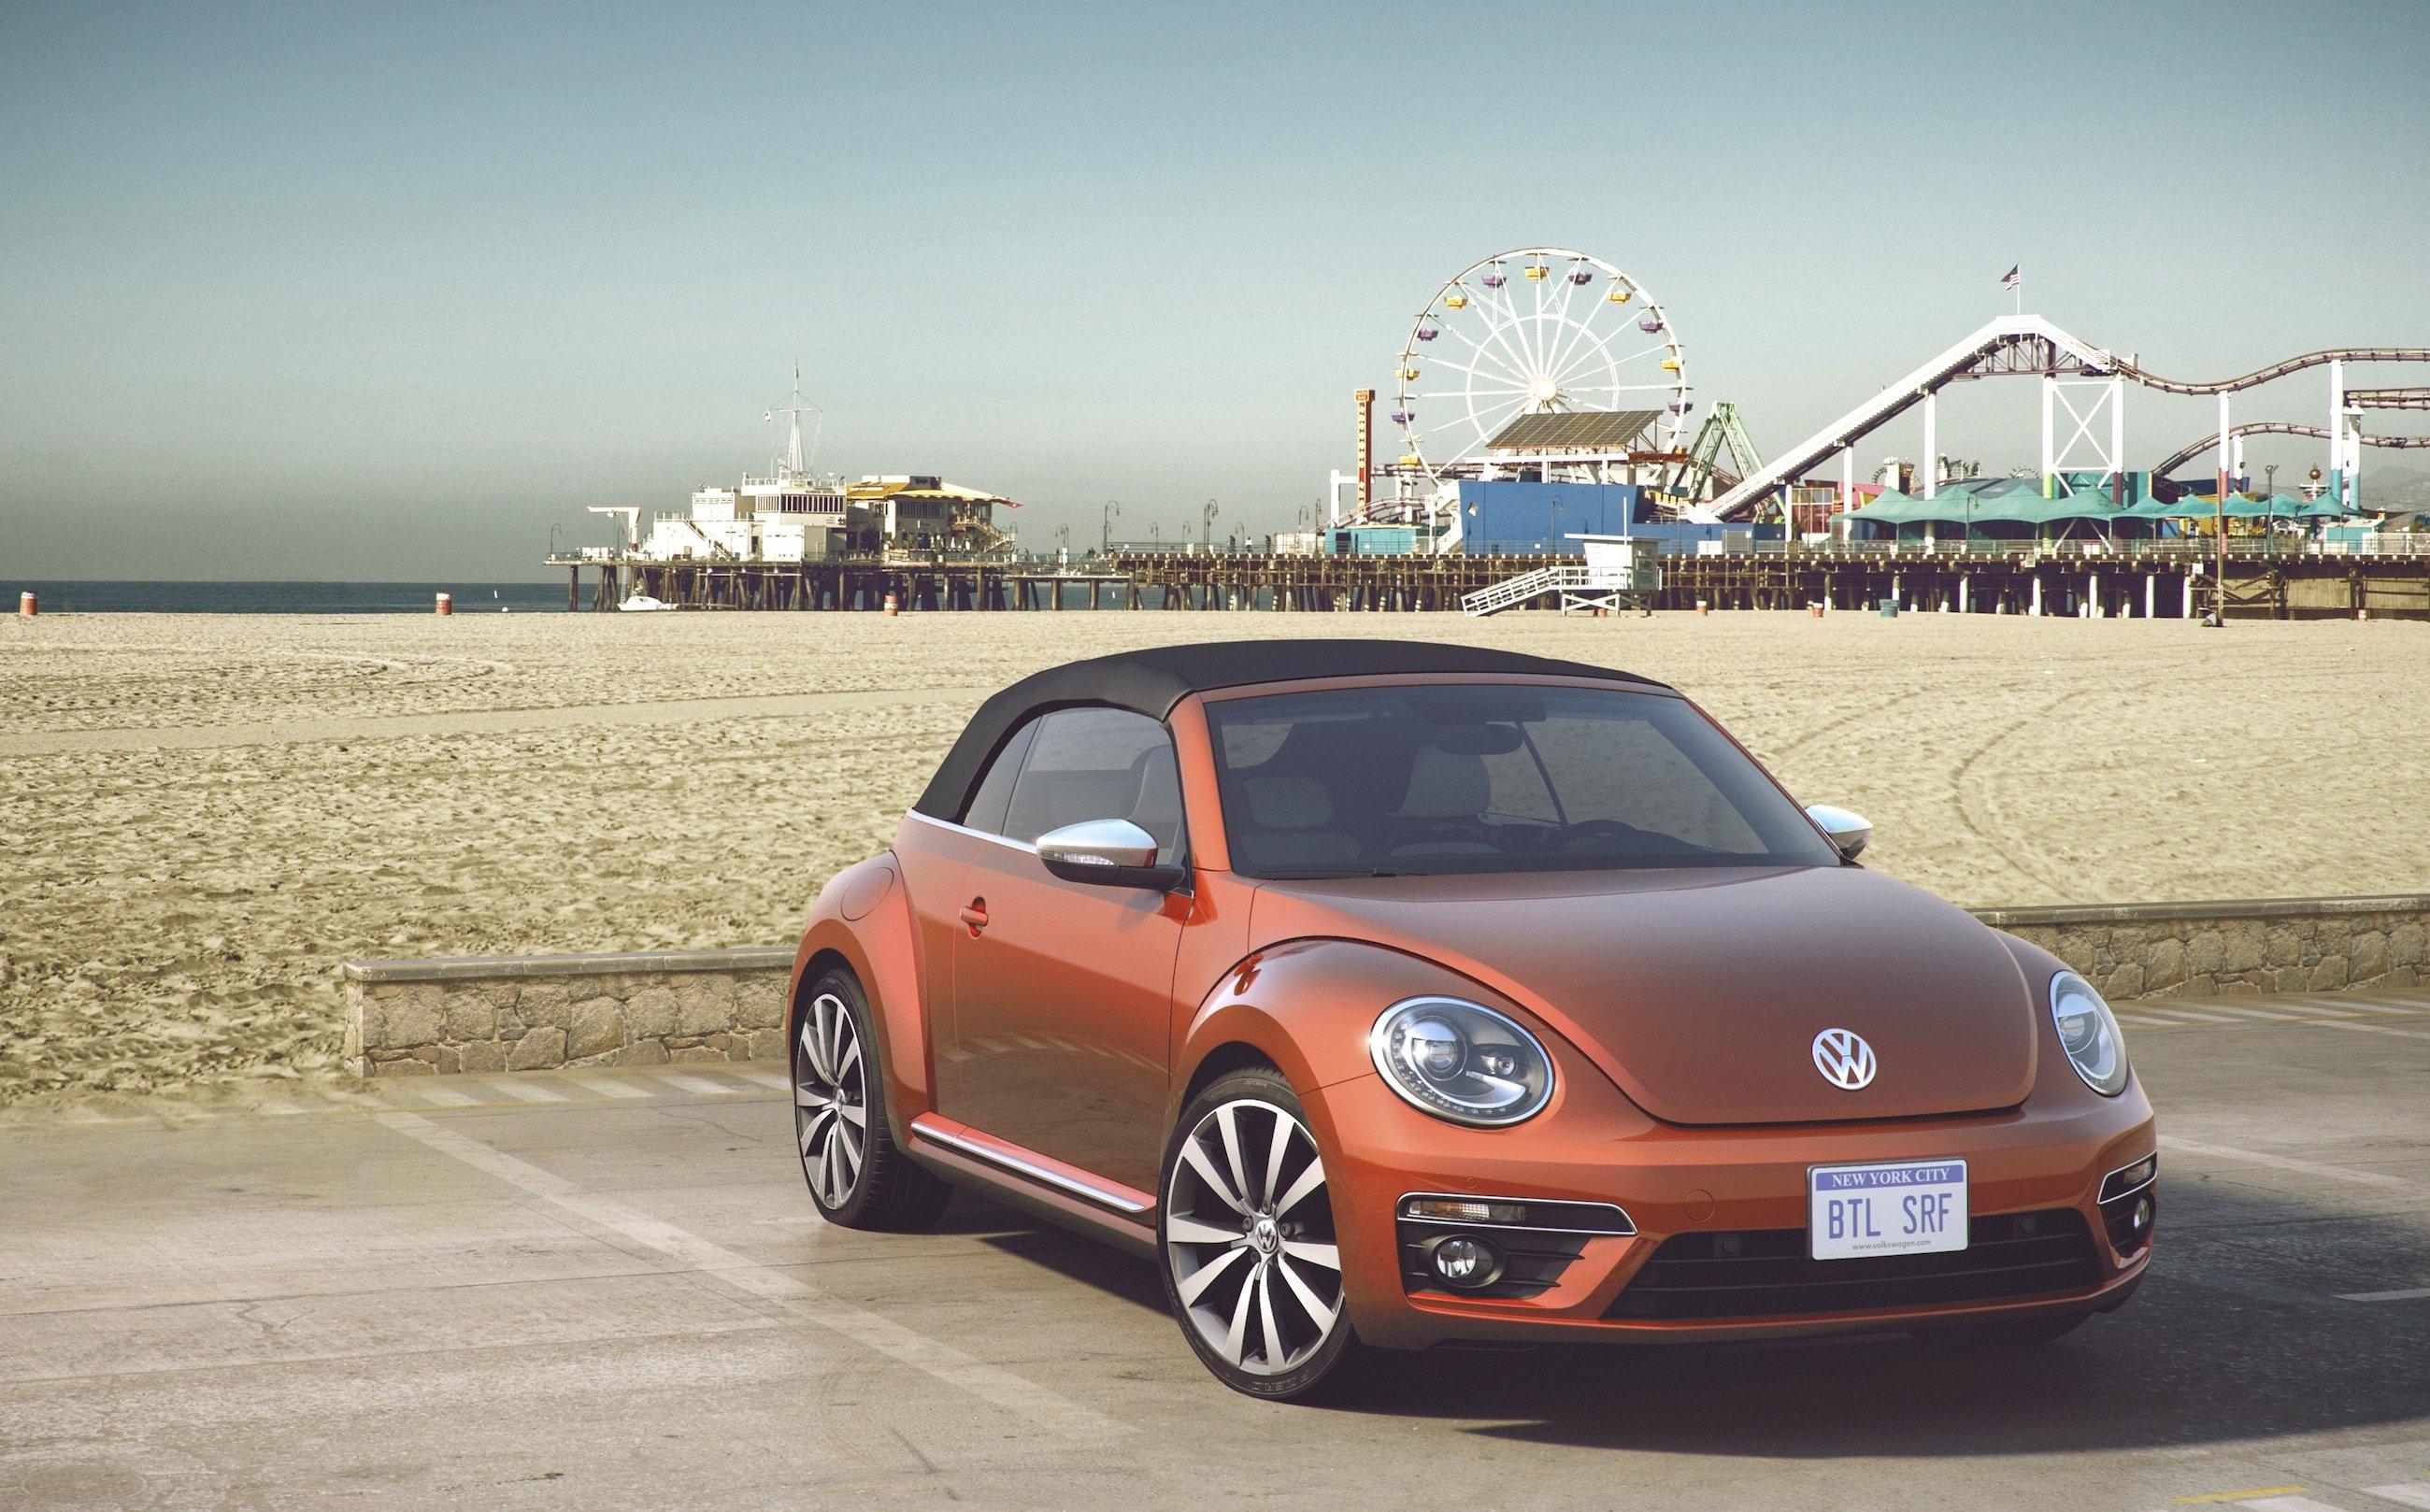 Lass uns Surfen gehen, Schätzchen: Der VW Beetle Wave soll ein Armaturenbrett aus Echtholz in Form eines Surfbretts besitzen. Bilder vom Innenraum gibt es – leider – noch nicht.